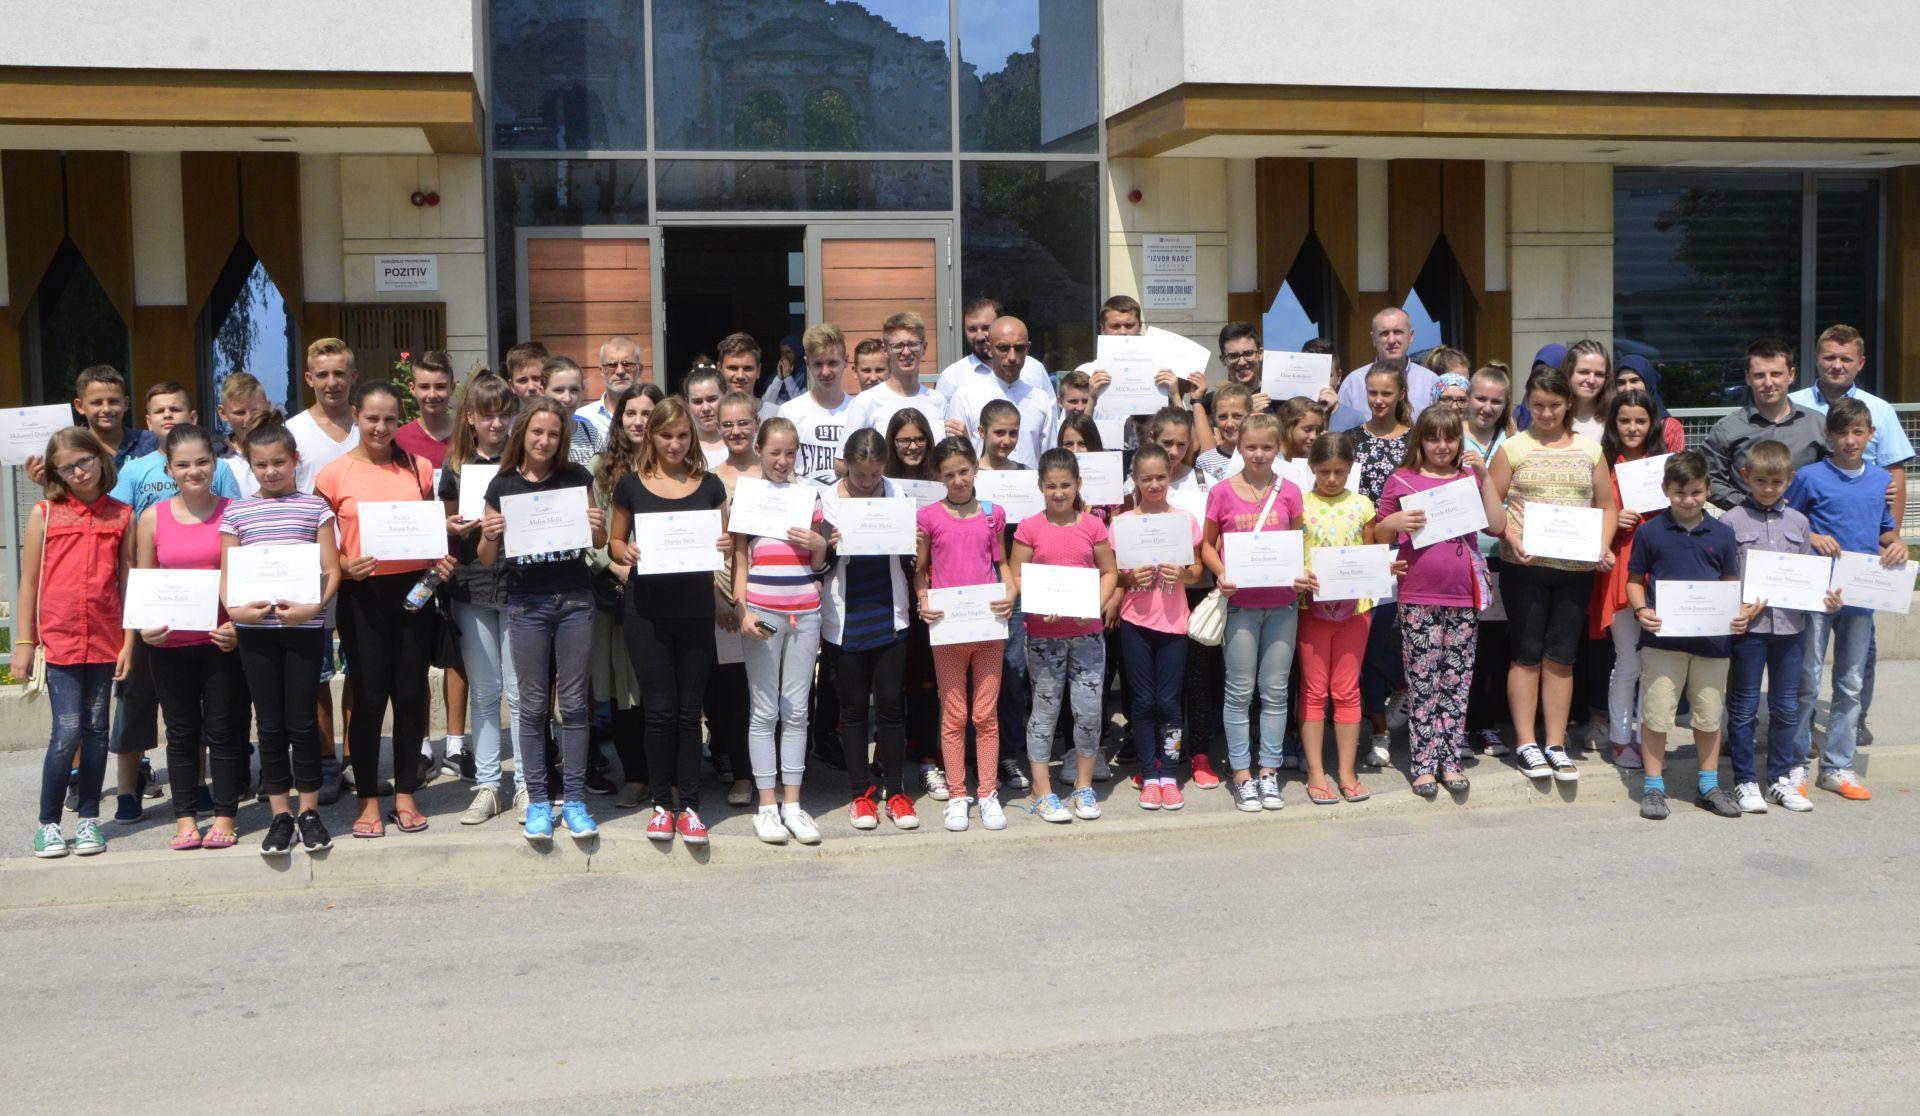 Ljetna skola za djecu iz povratnickih mjesta 2017, Fondacija Izvor nade